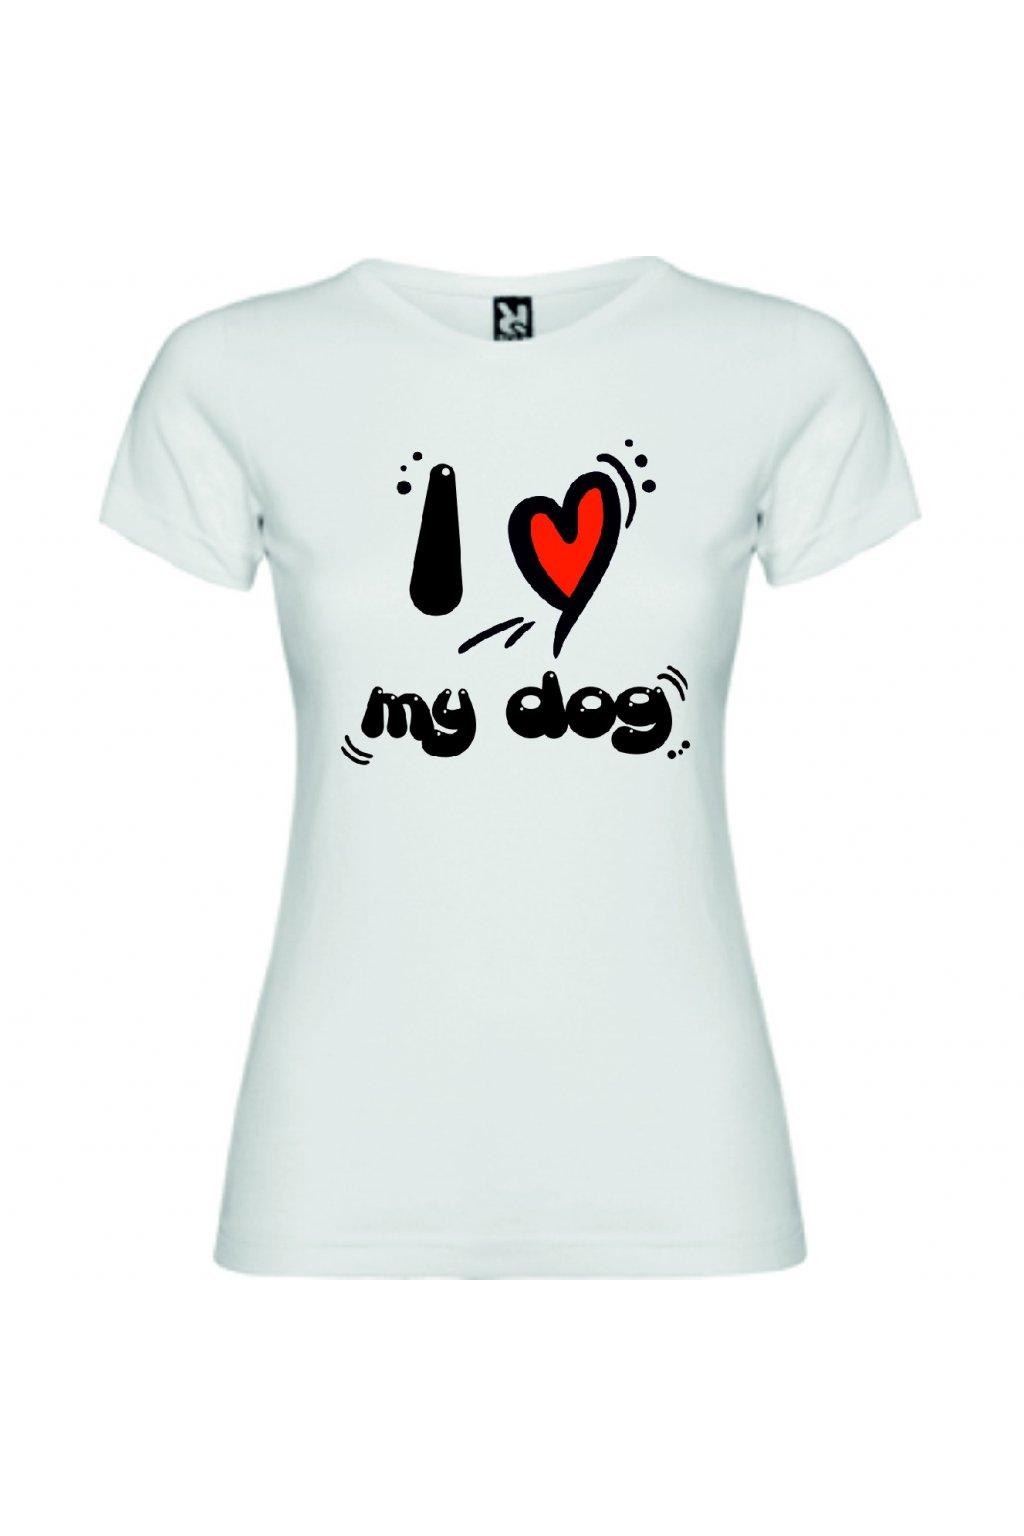 I LOVE MY DOG (V)